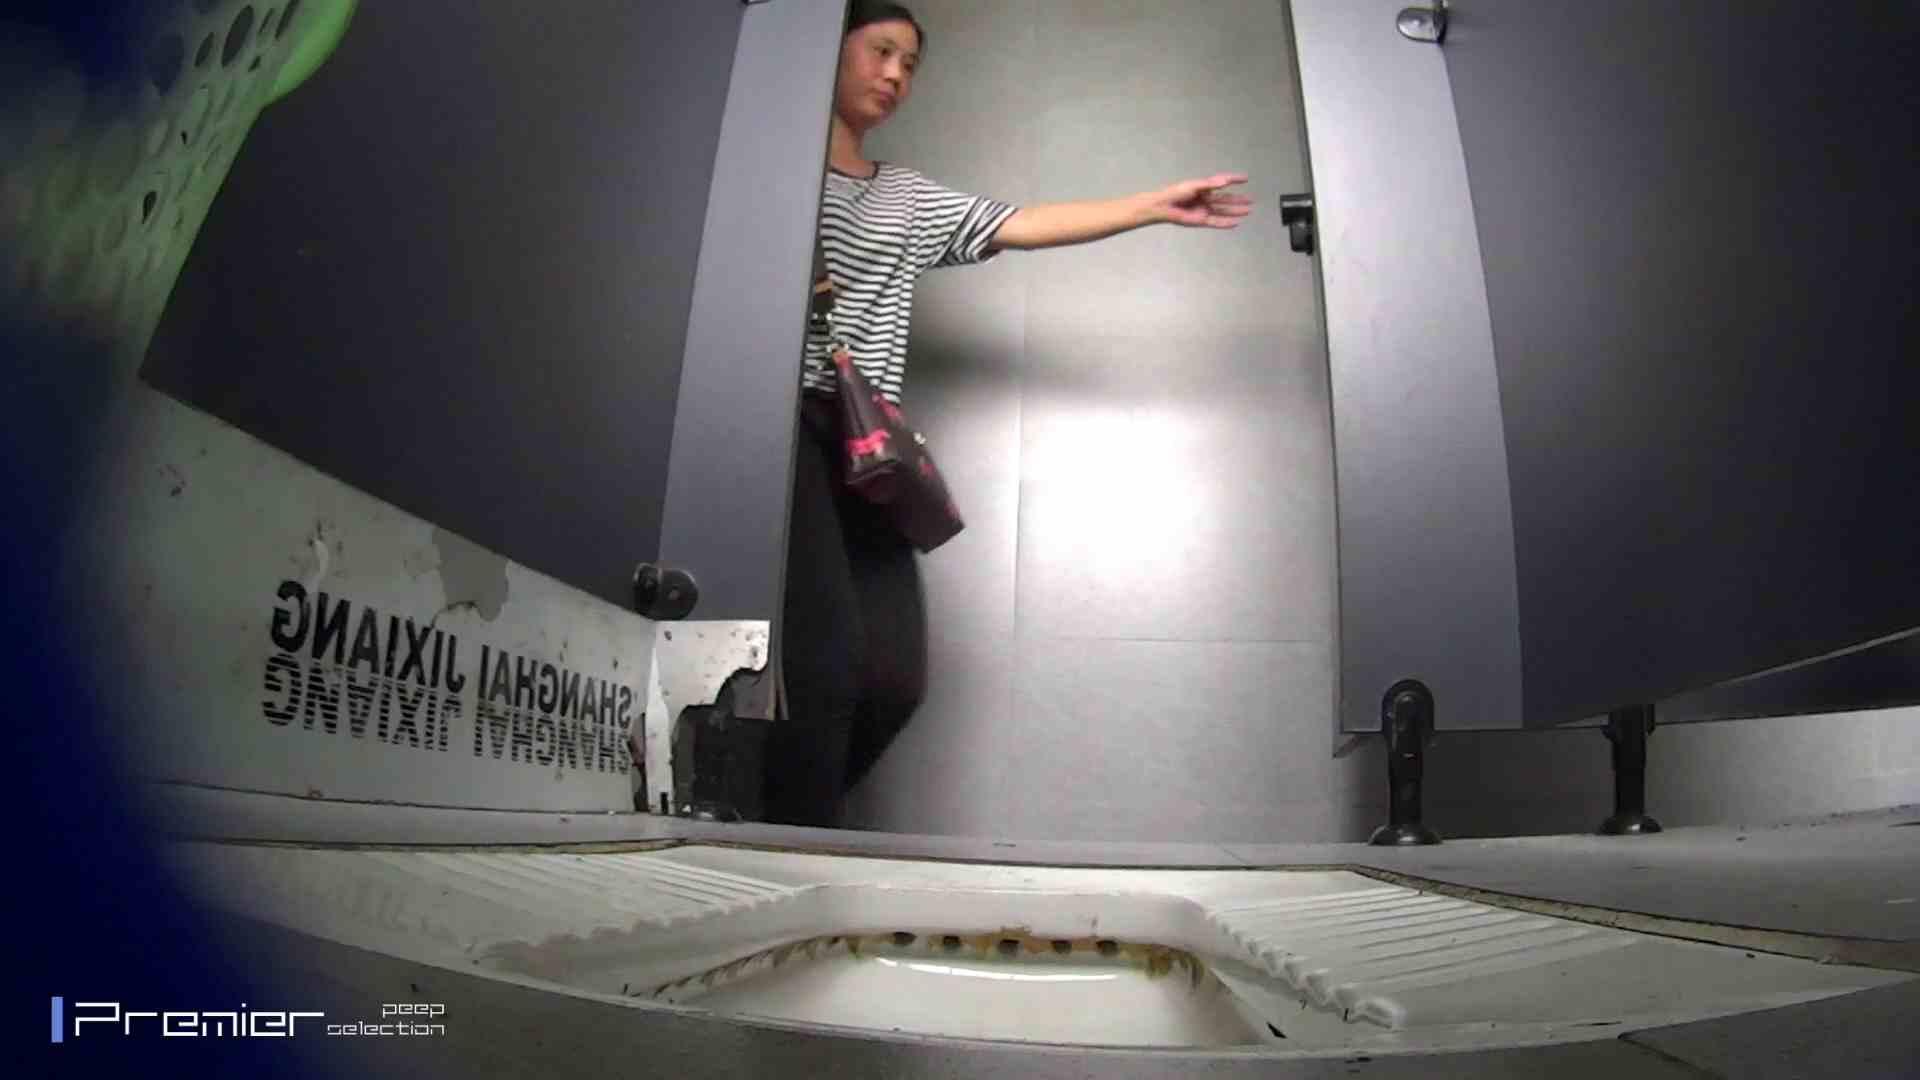 夏全開!ハーフパンツのギャル達 大学休憩時間の洗面所事情44 お姉さん  112pic 42